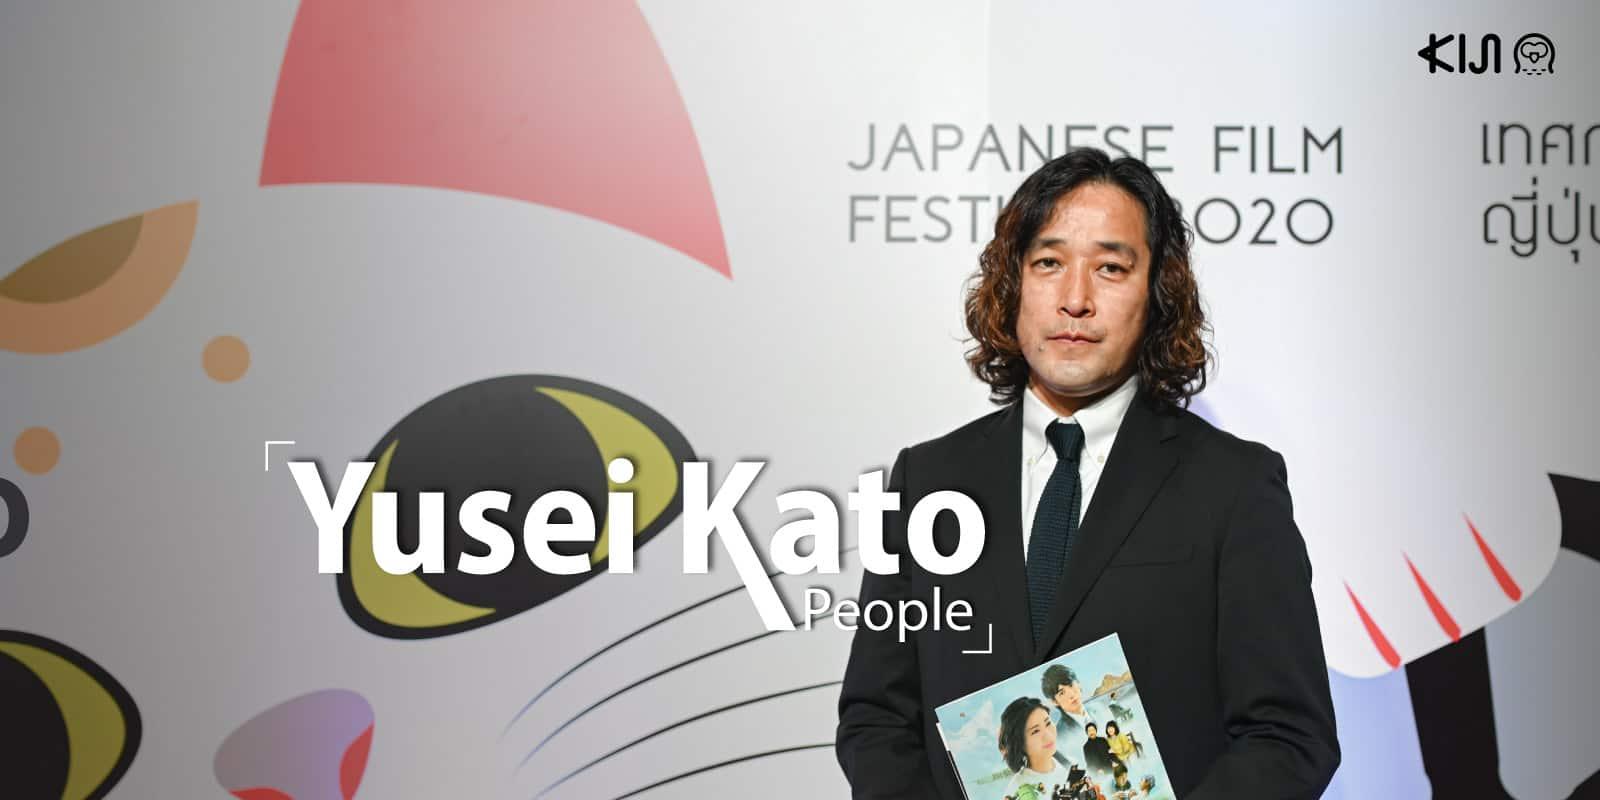 คาโต้ ยูเซ (Yusei Kato) ผู้กำกับภาพยนตร์ Angel Sign